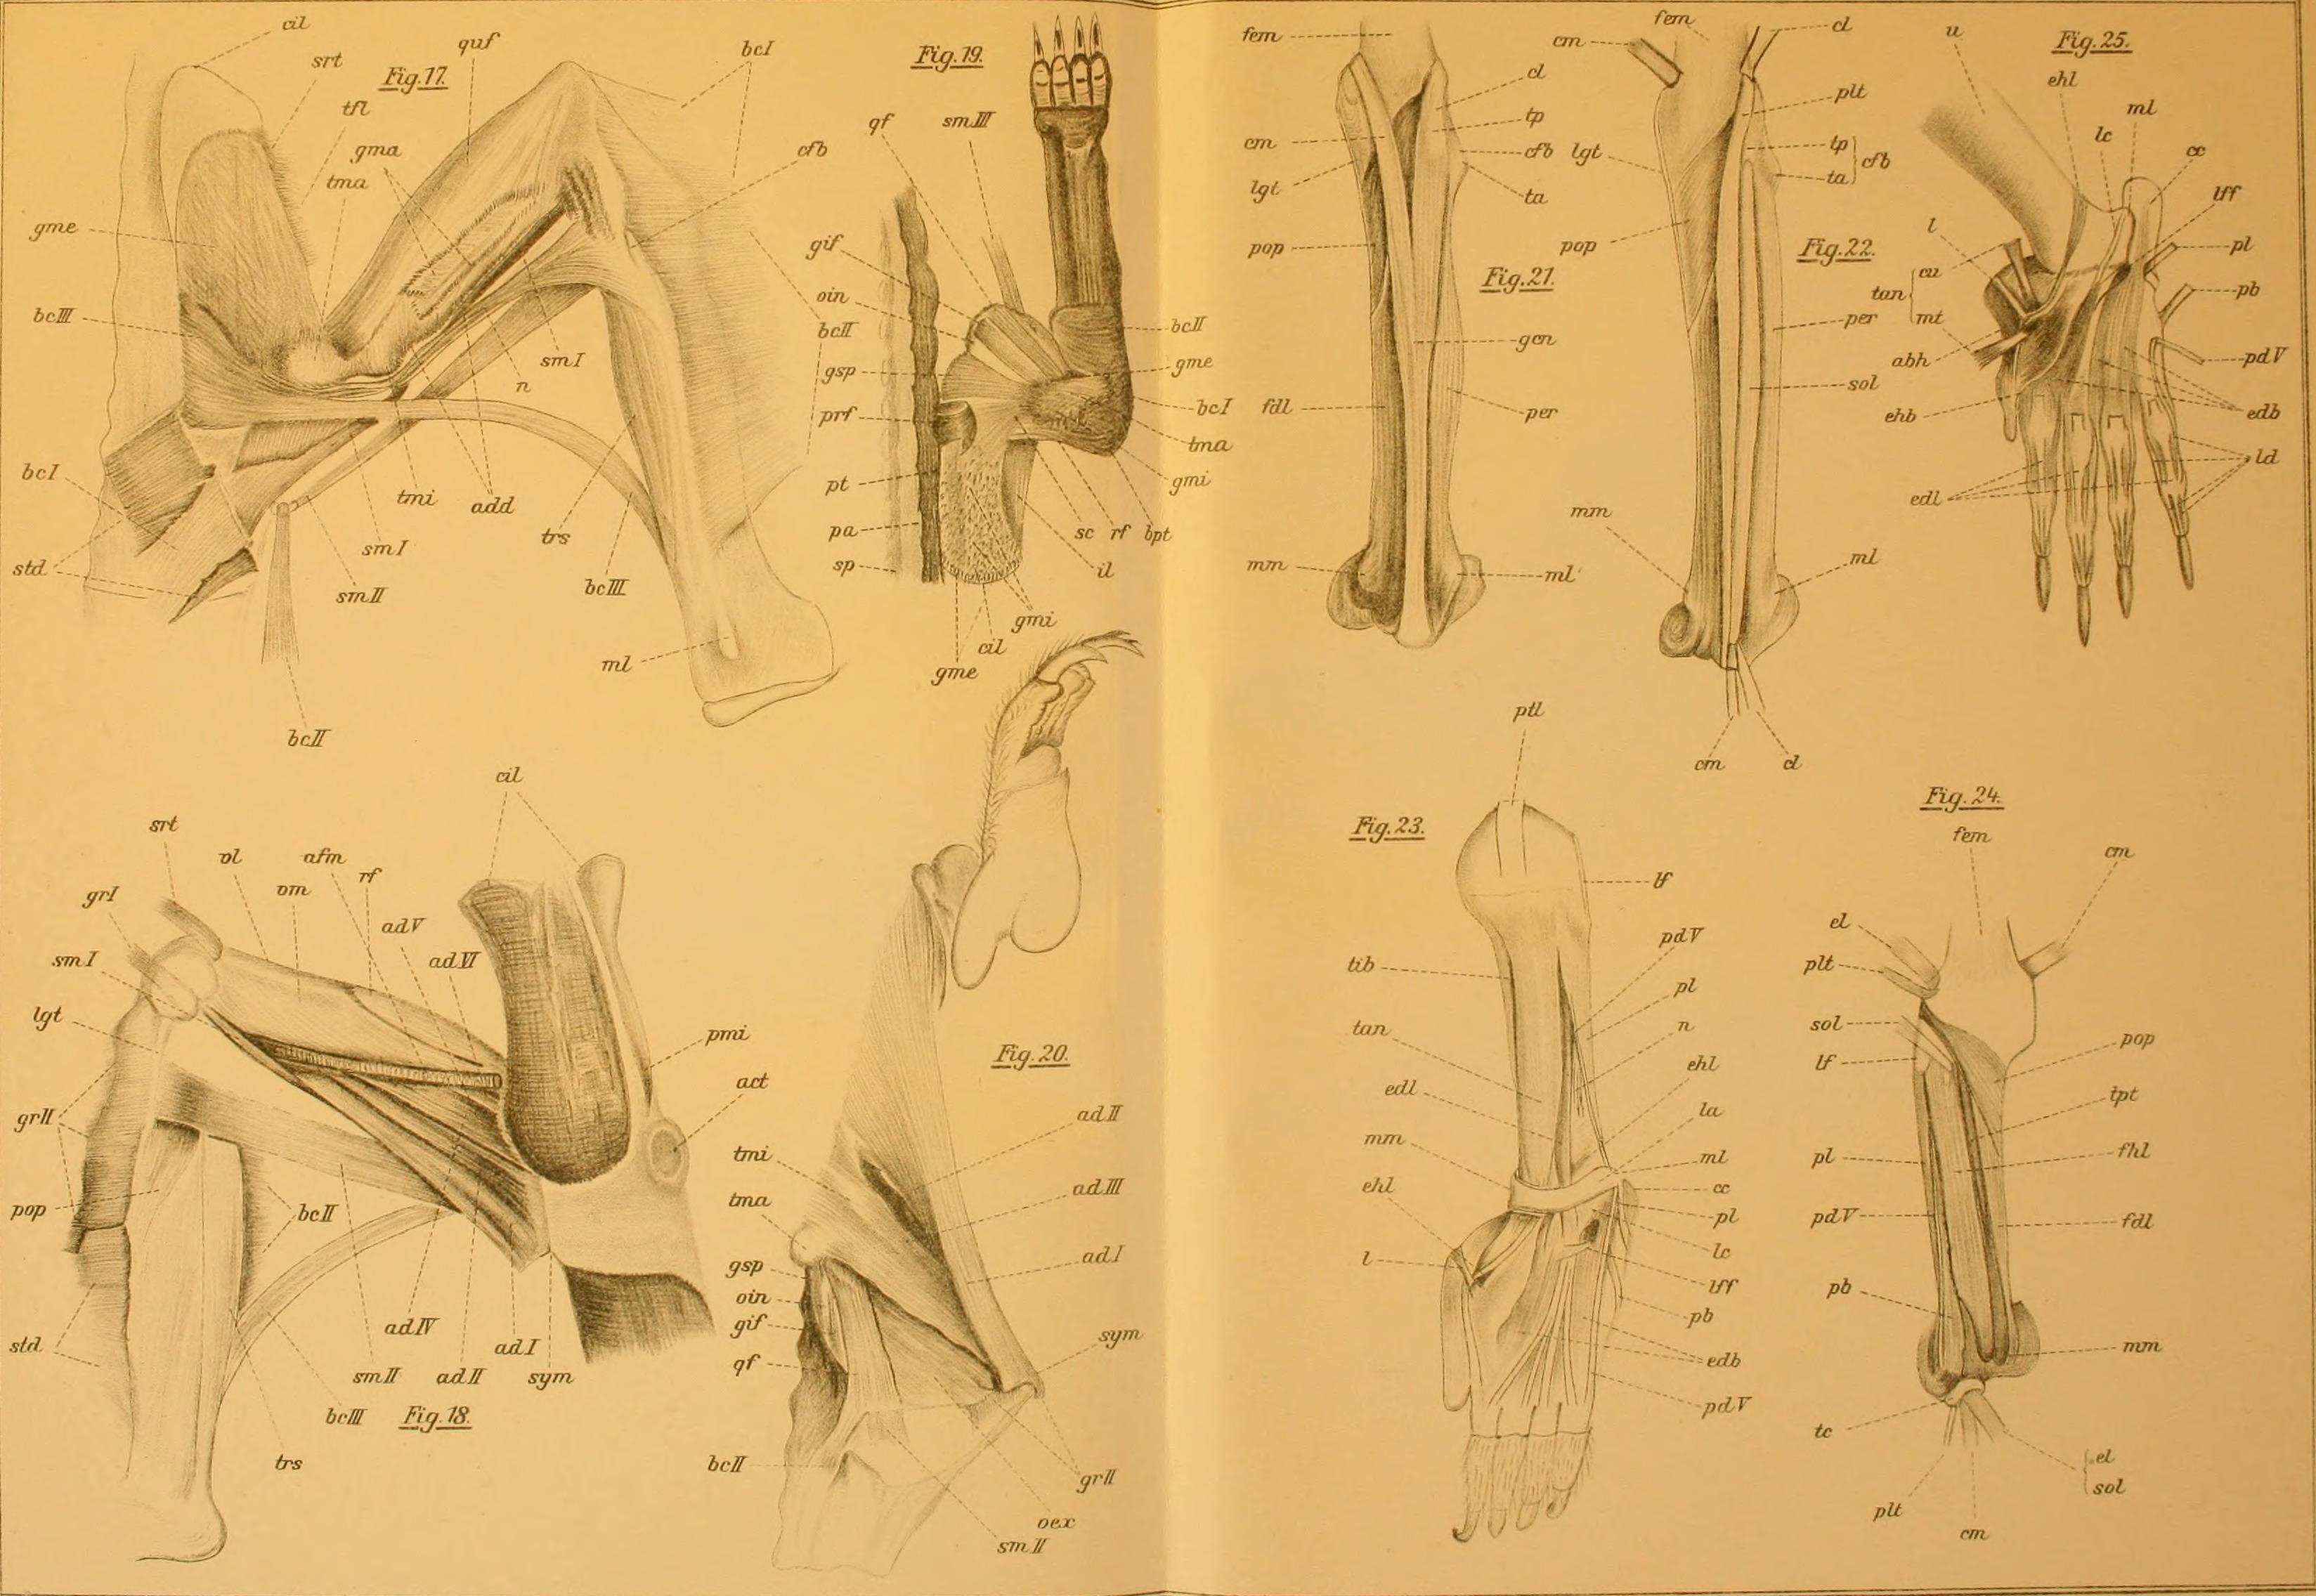 Filearchiv Für Naturgeschichte 1910 19708468304jpg